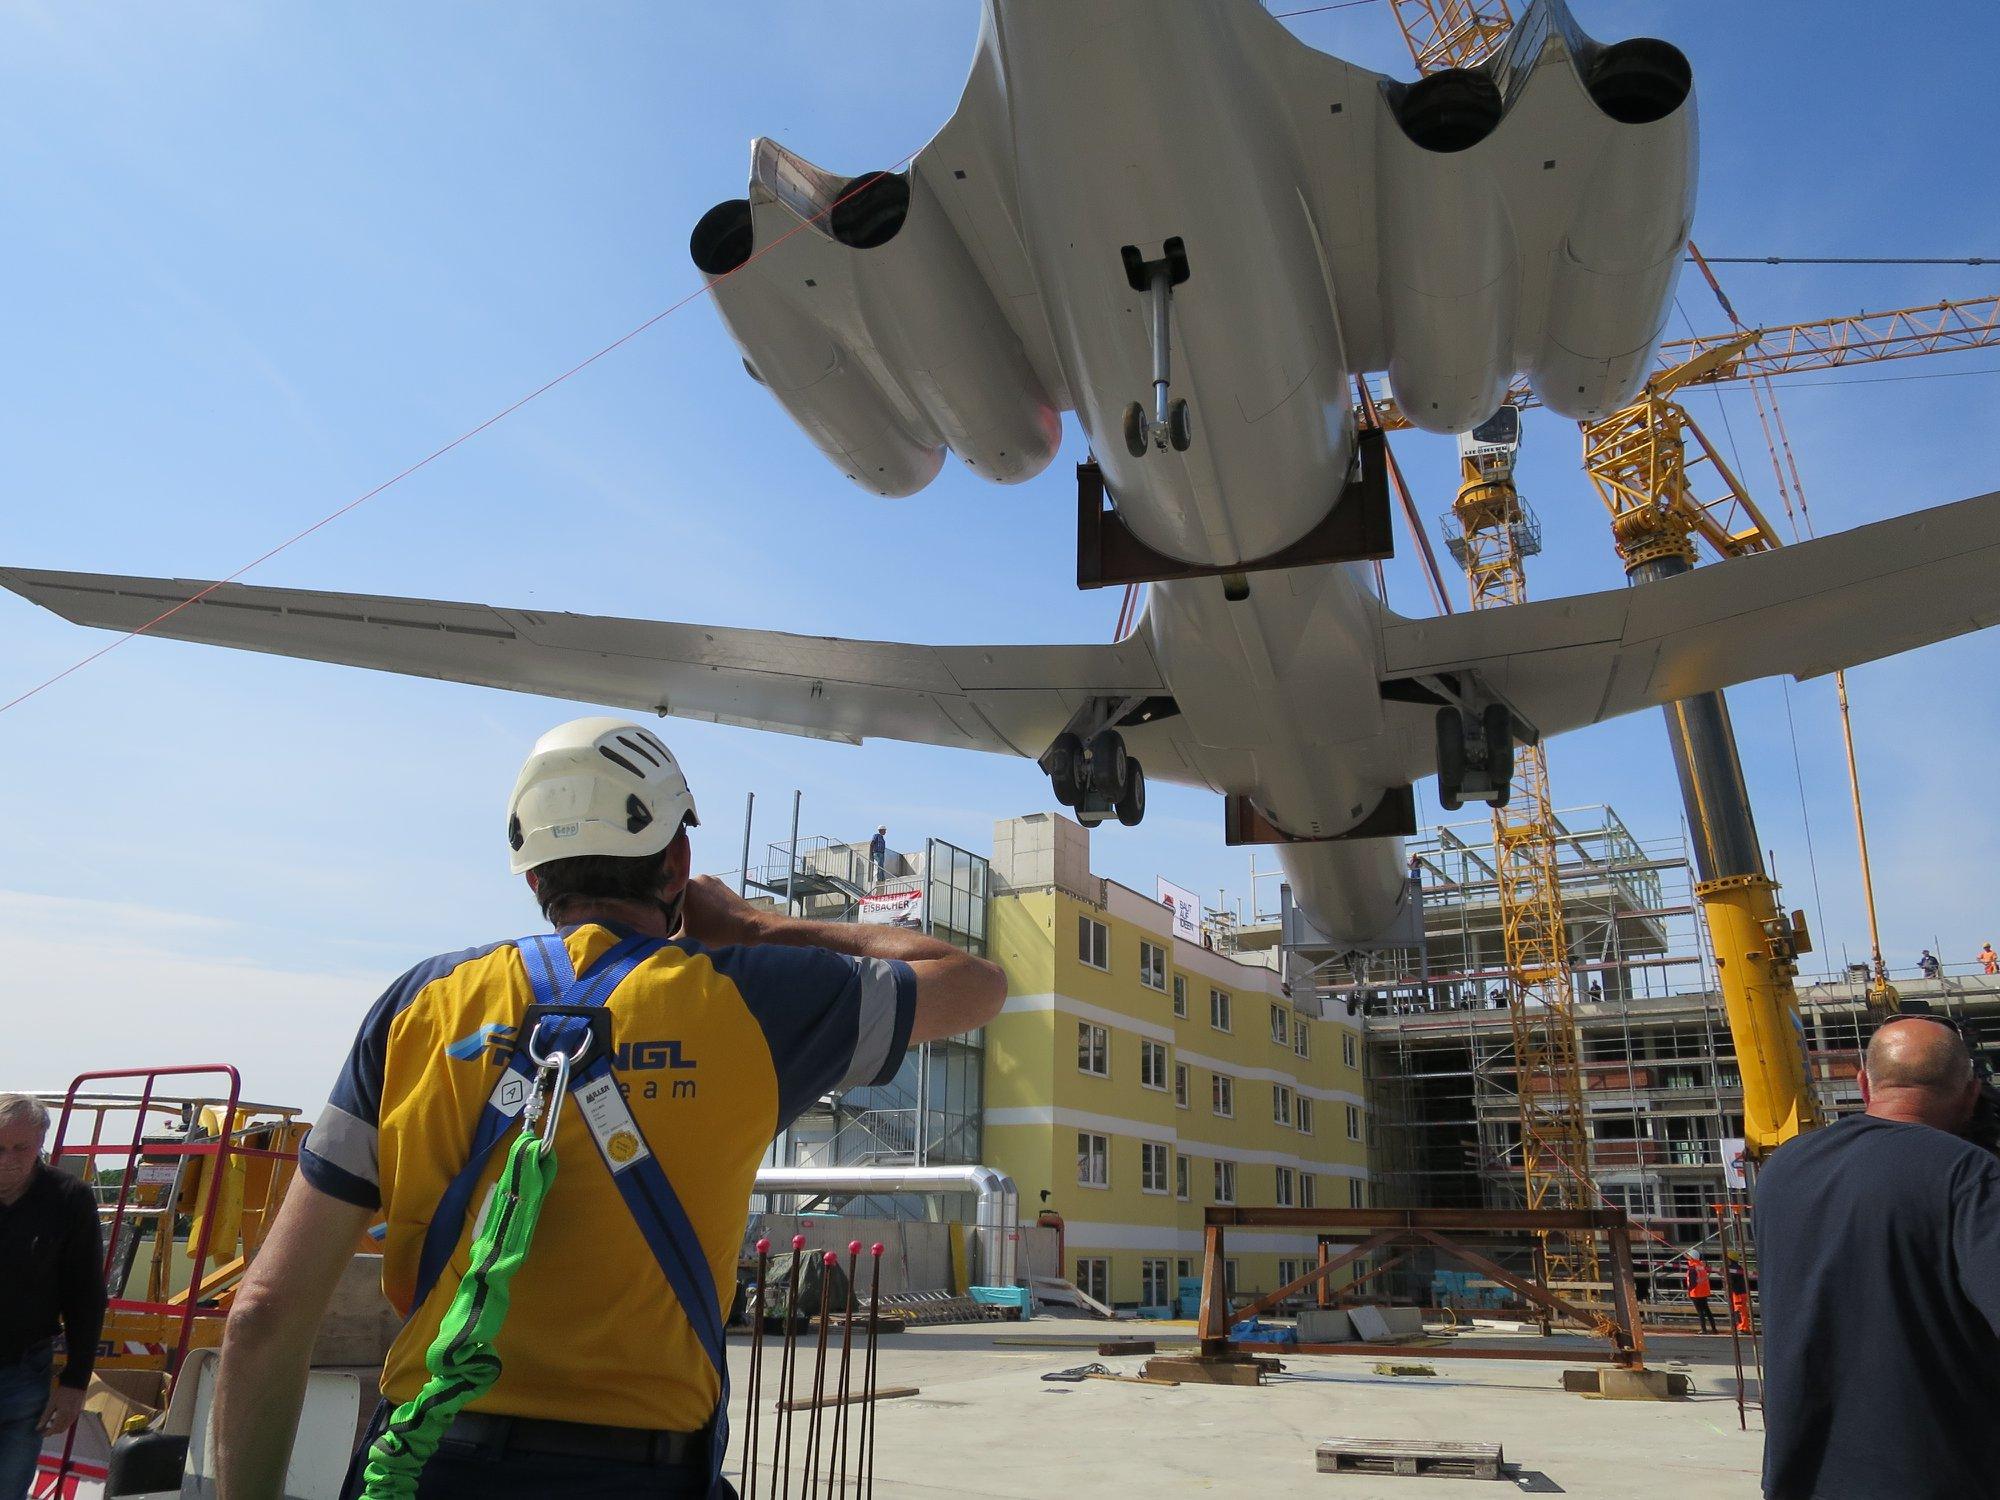 Операция по подъему Ил-62 Hotel Novapark Graz в городе Грац на крышу отеля